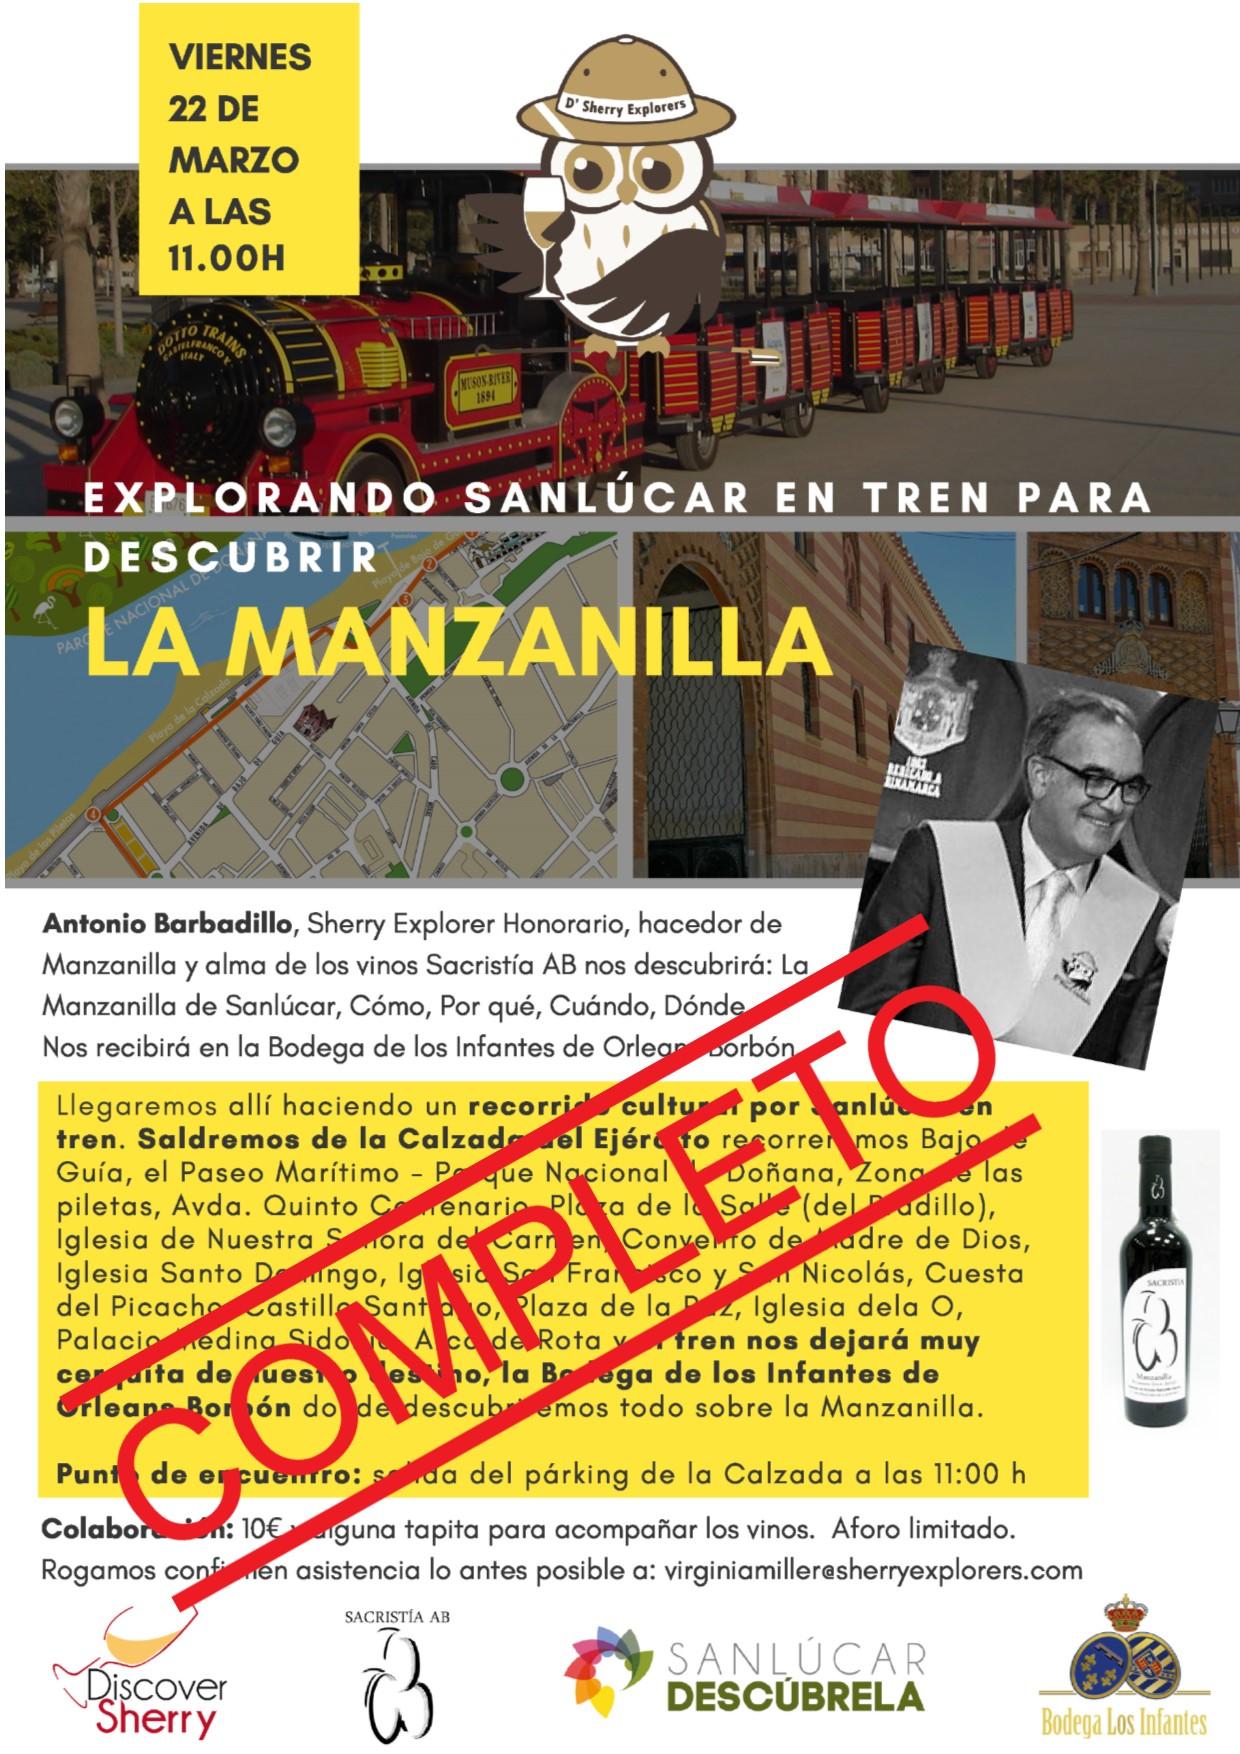 COMPLETO. Explorando Sanlúcar para descubrir la MANZANILLA!(Spanish)